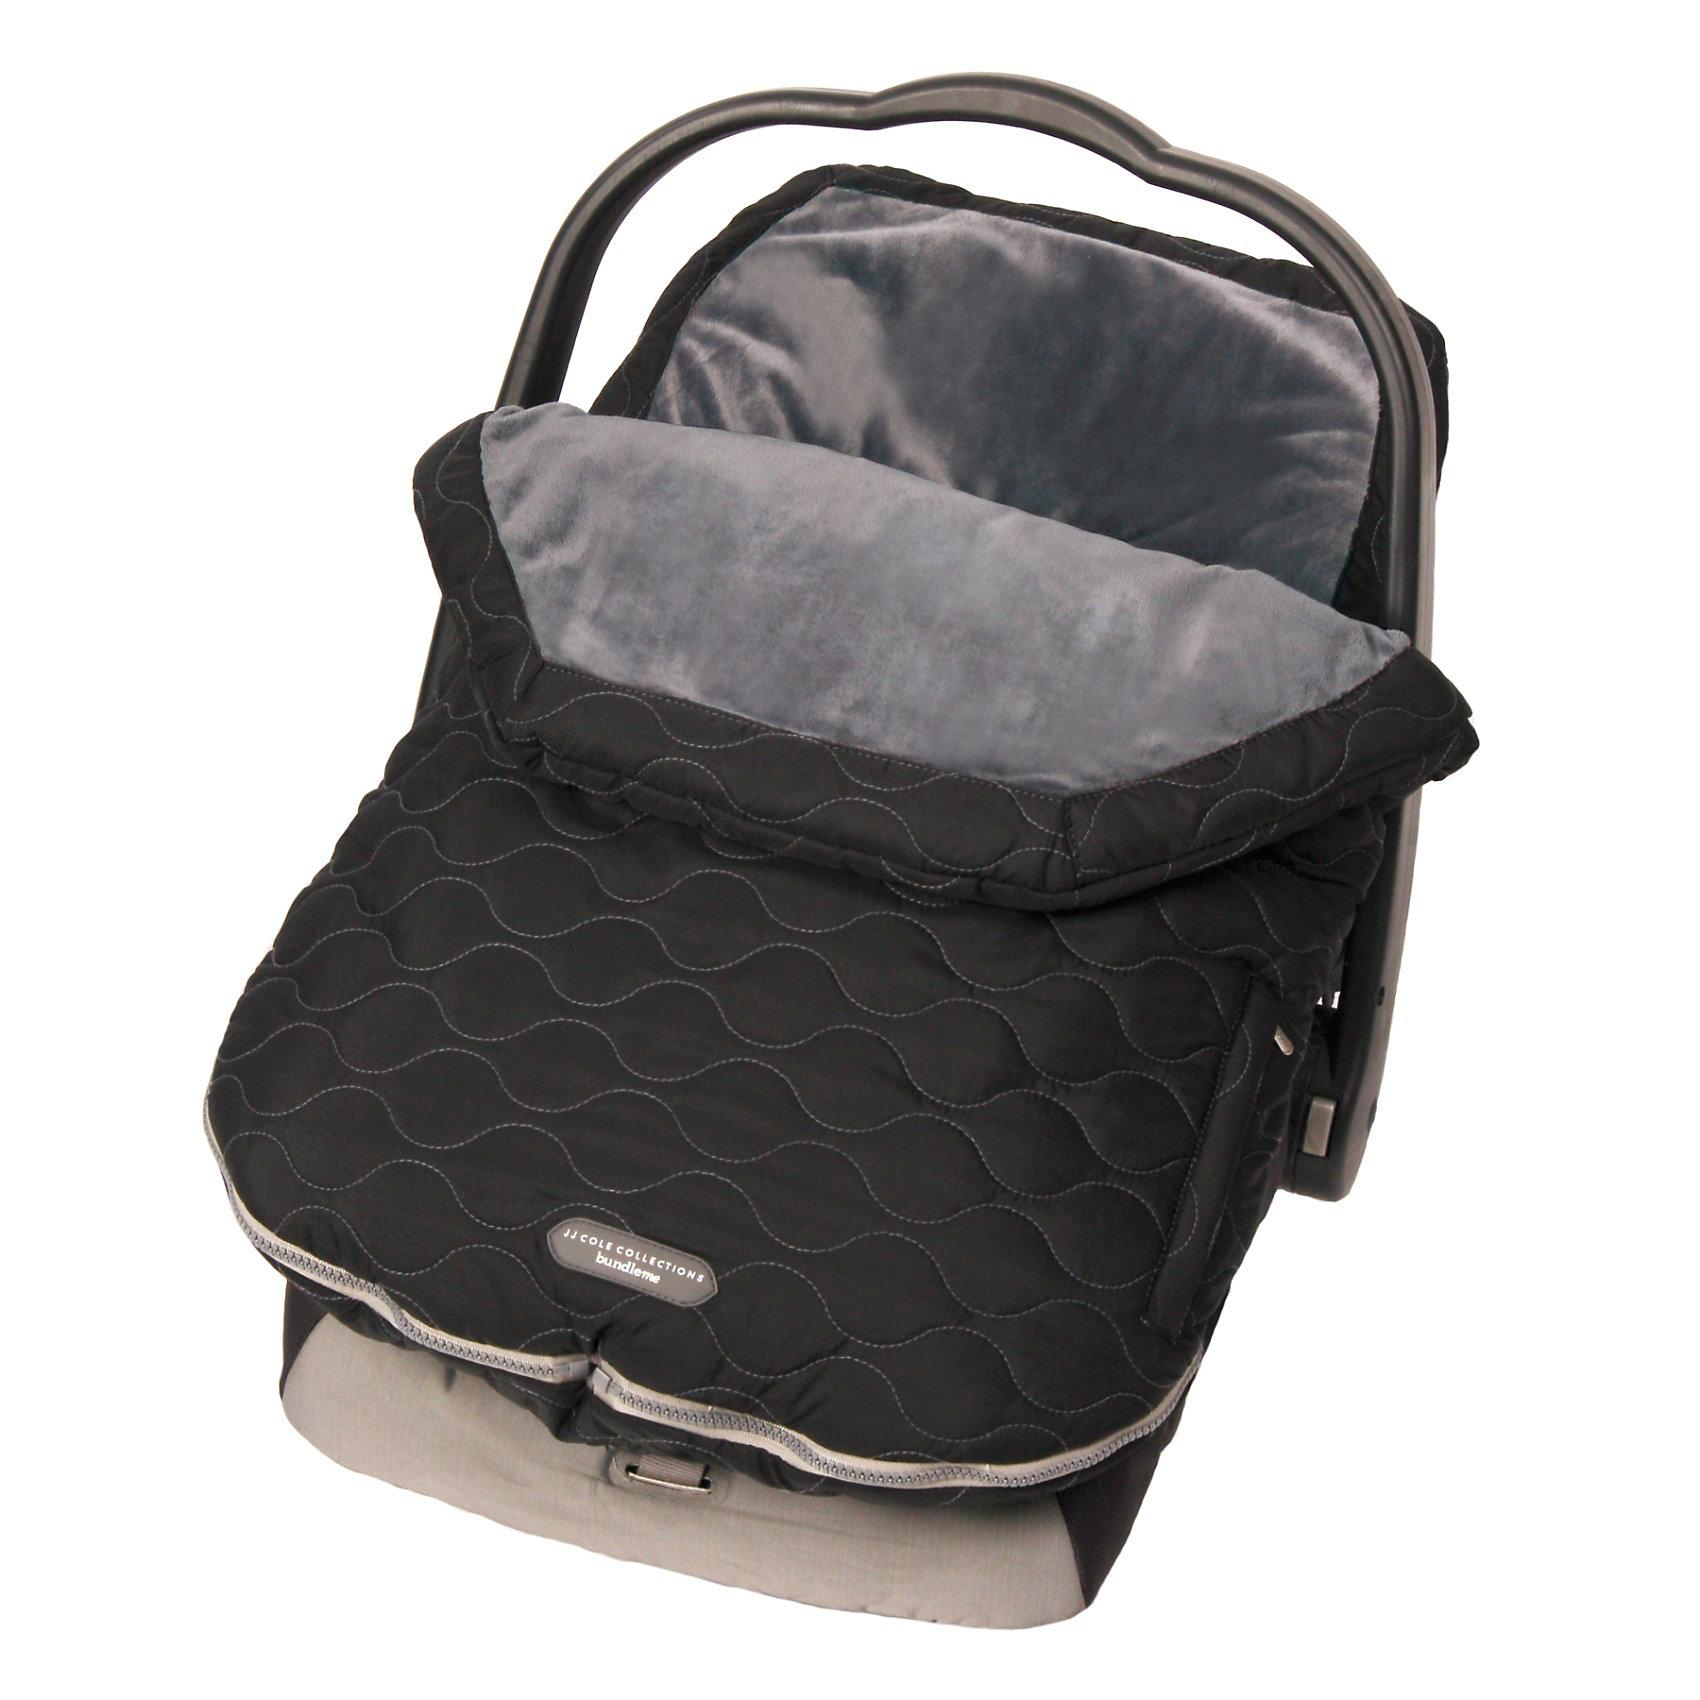 Спальный мешок в люльку Urban Bundle Me Infant, черный